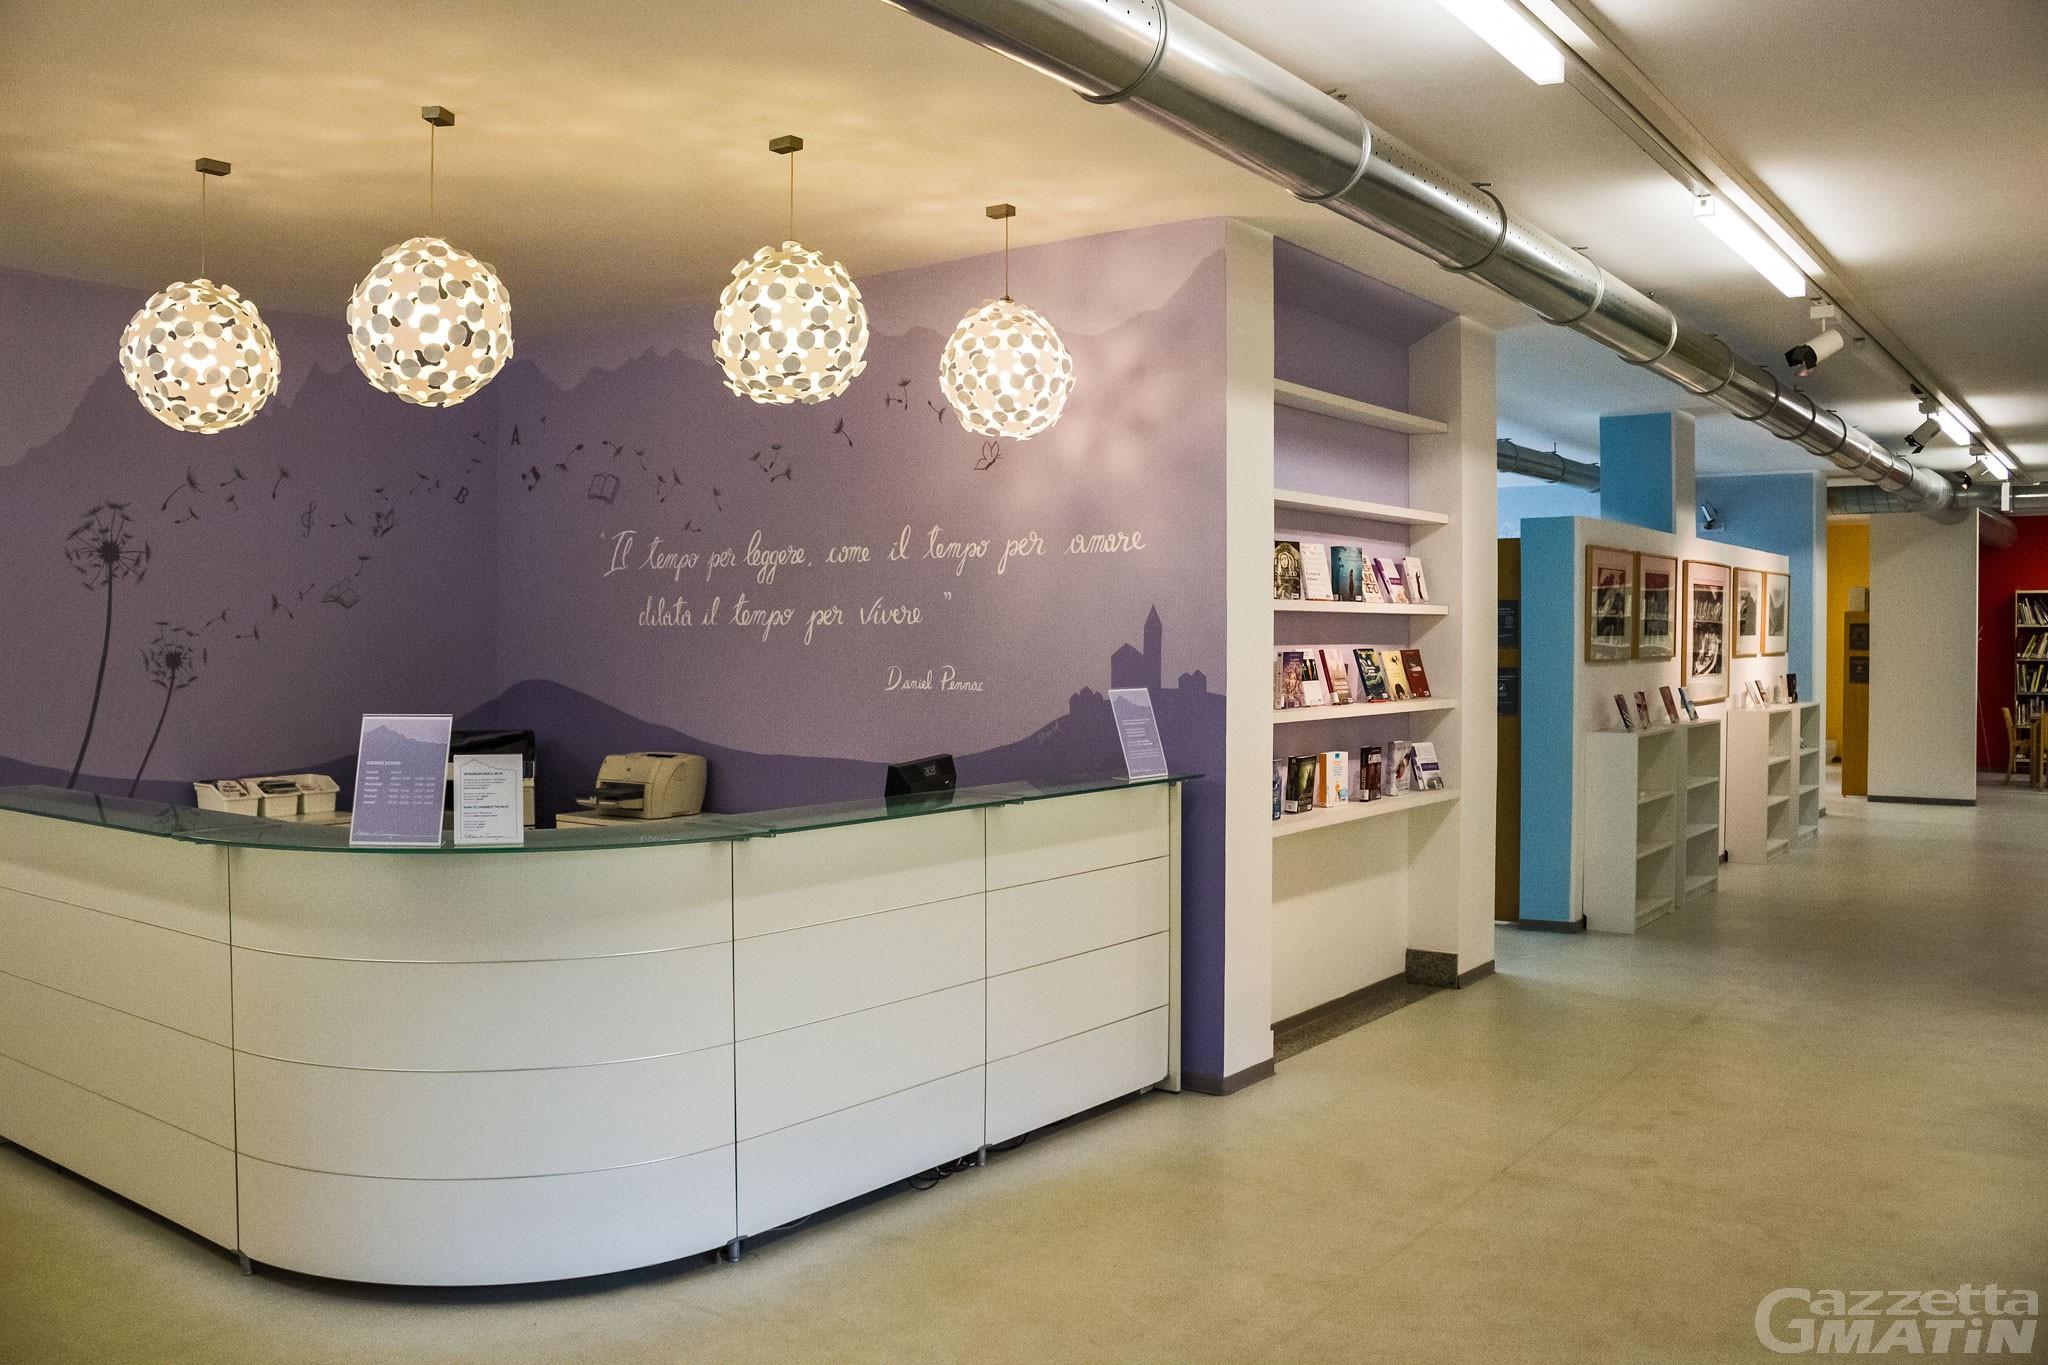 Courmayeur: ecco chi è la biblioteca, un video per presentare la nuova commissione